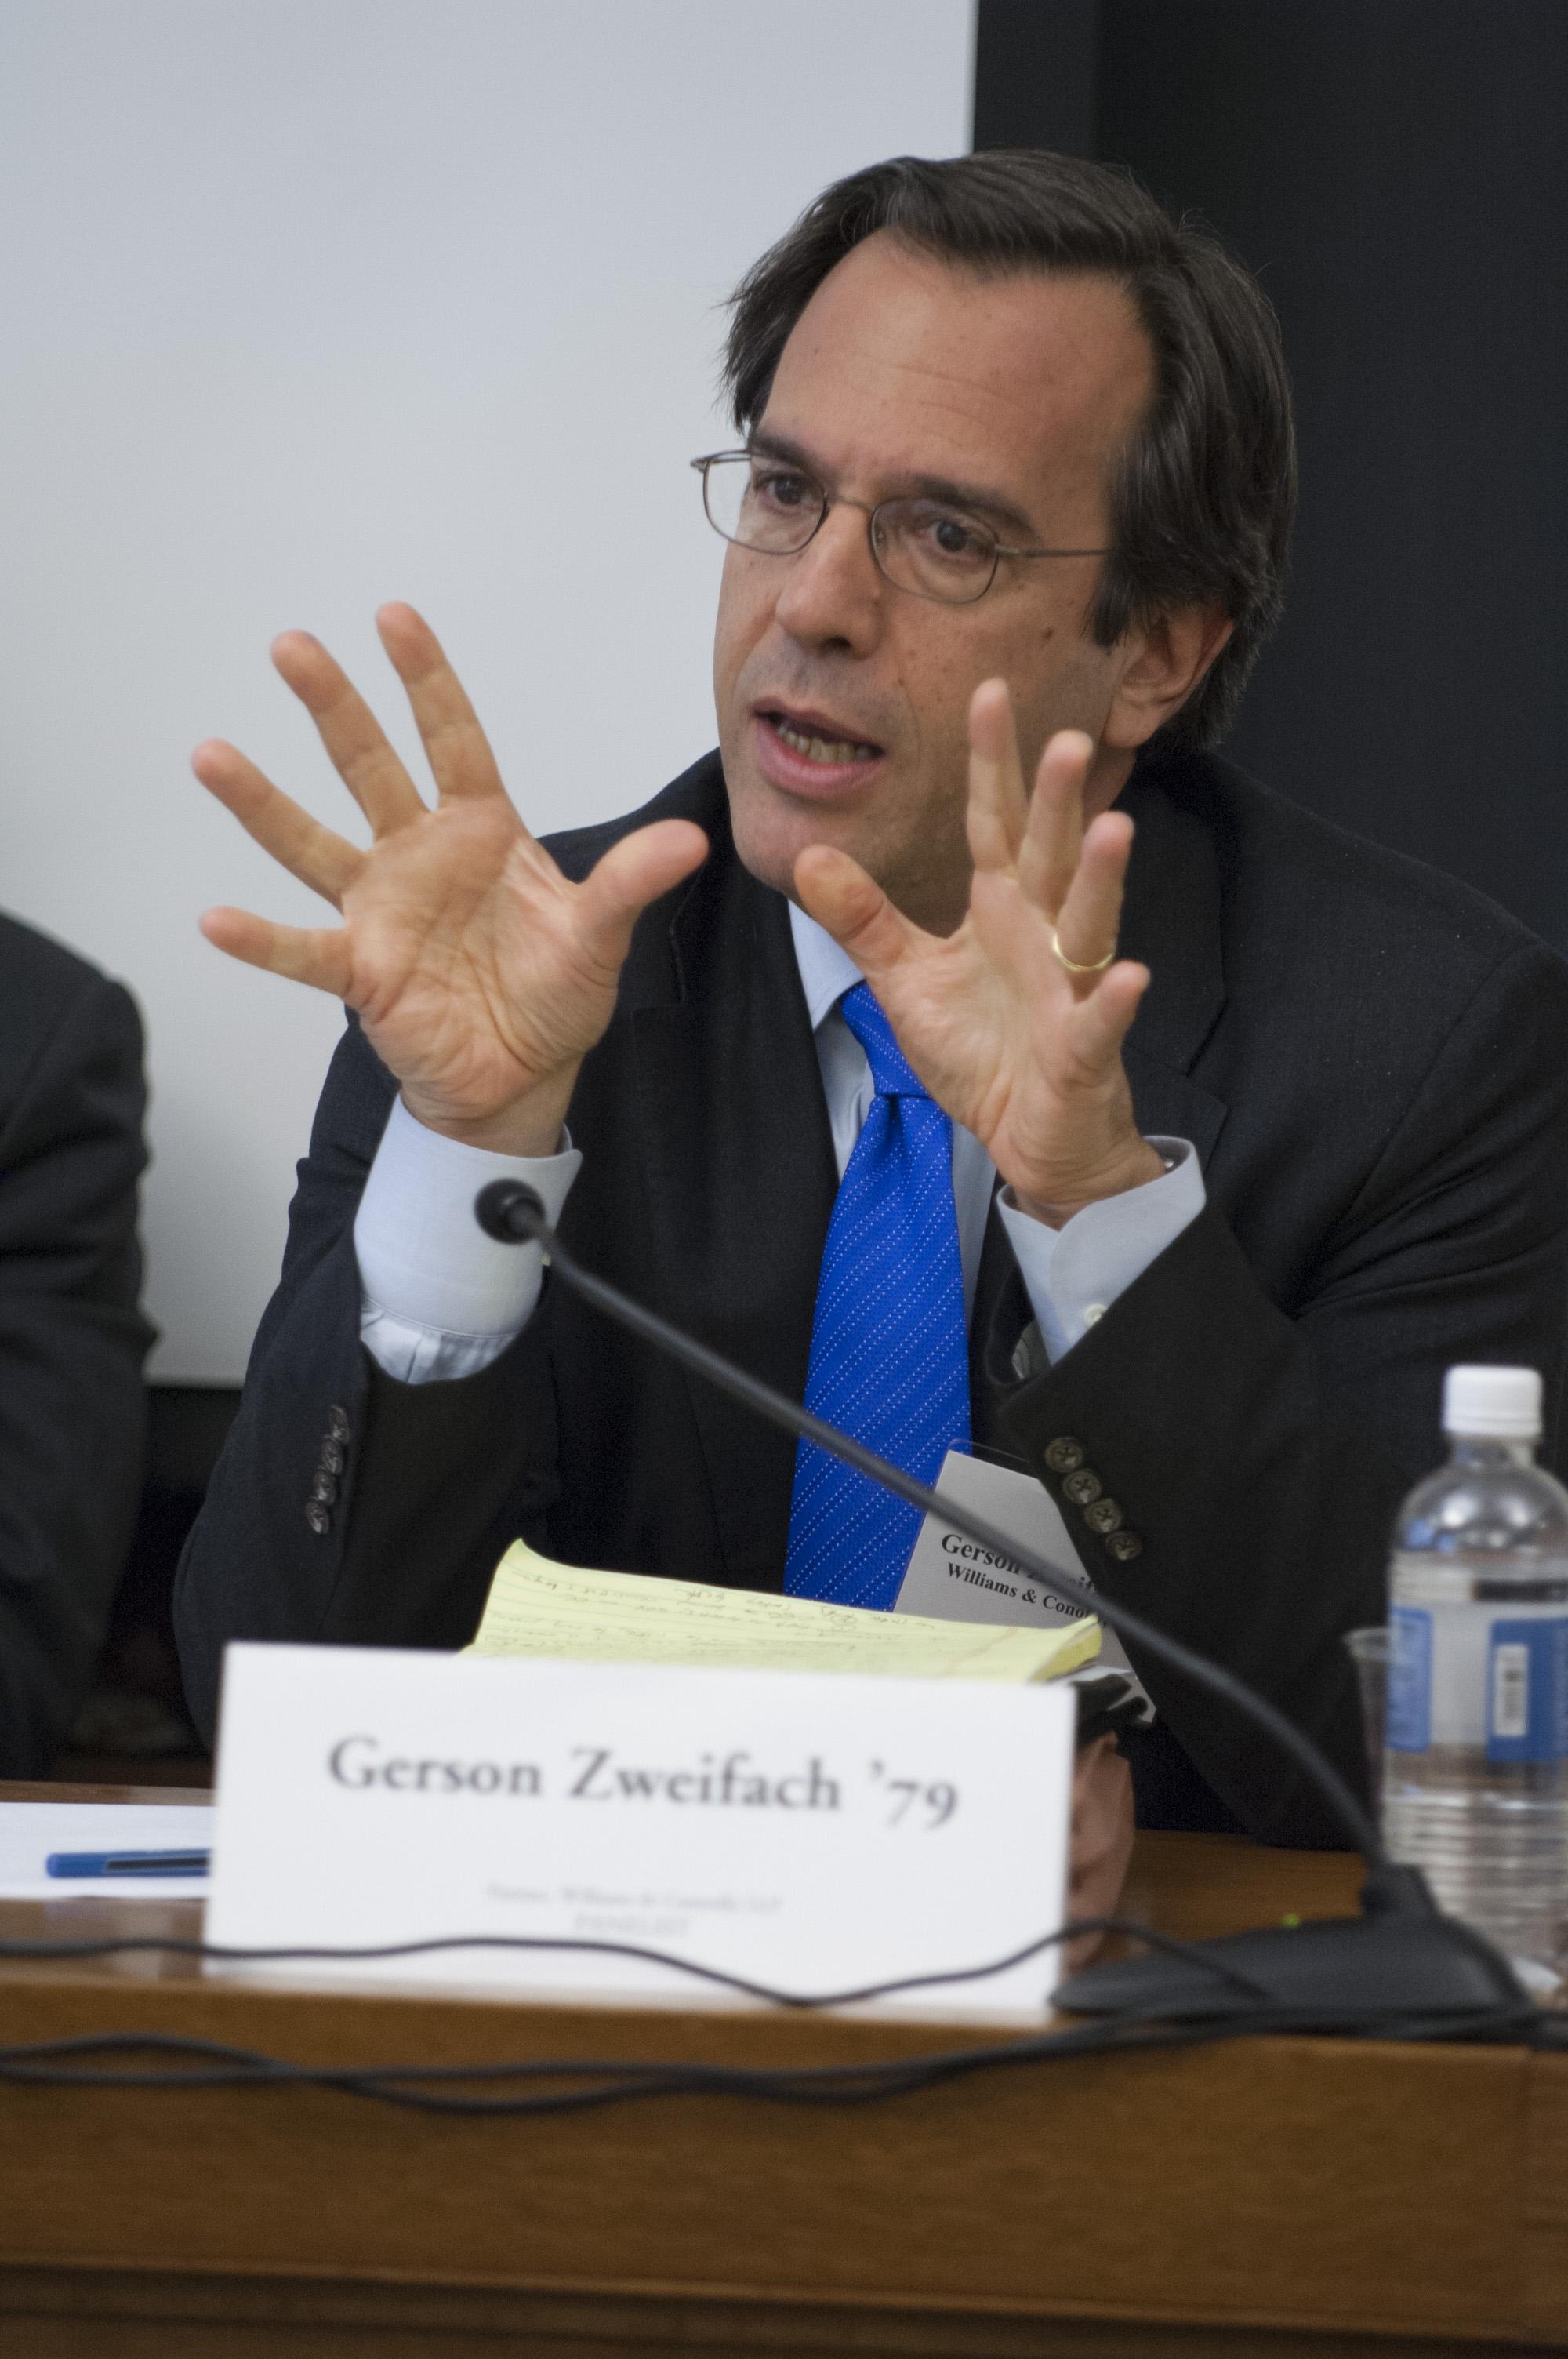 Gerson Zweifach '79